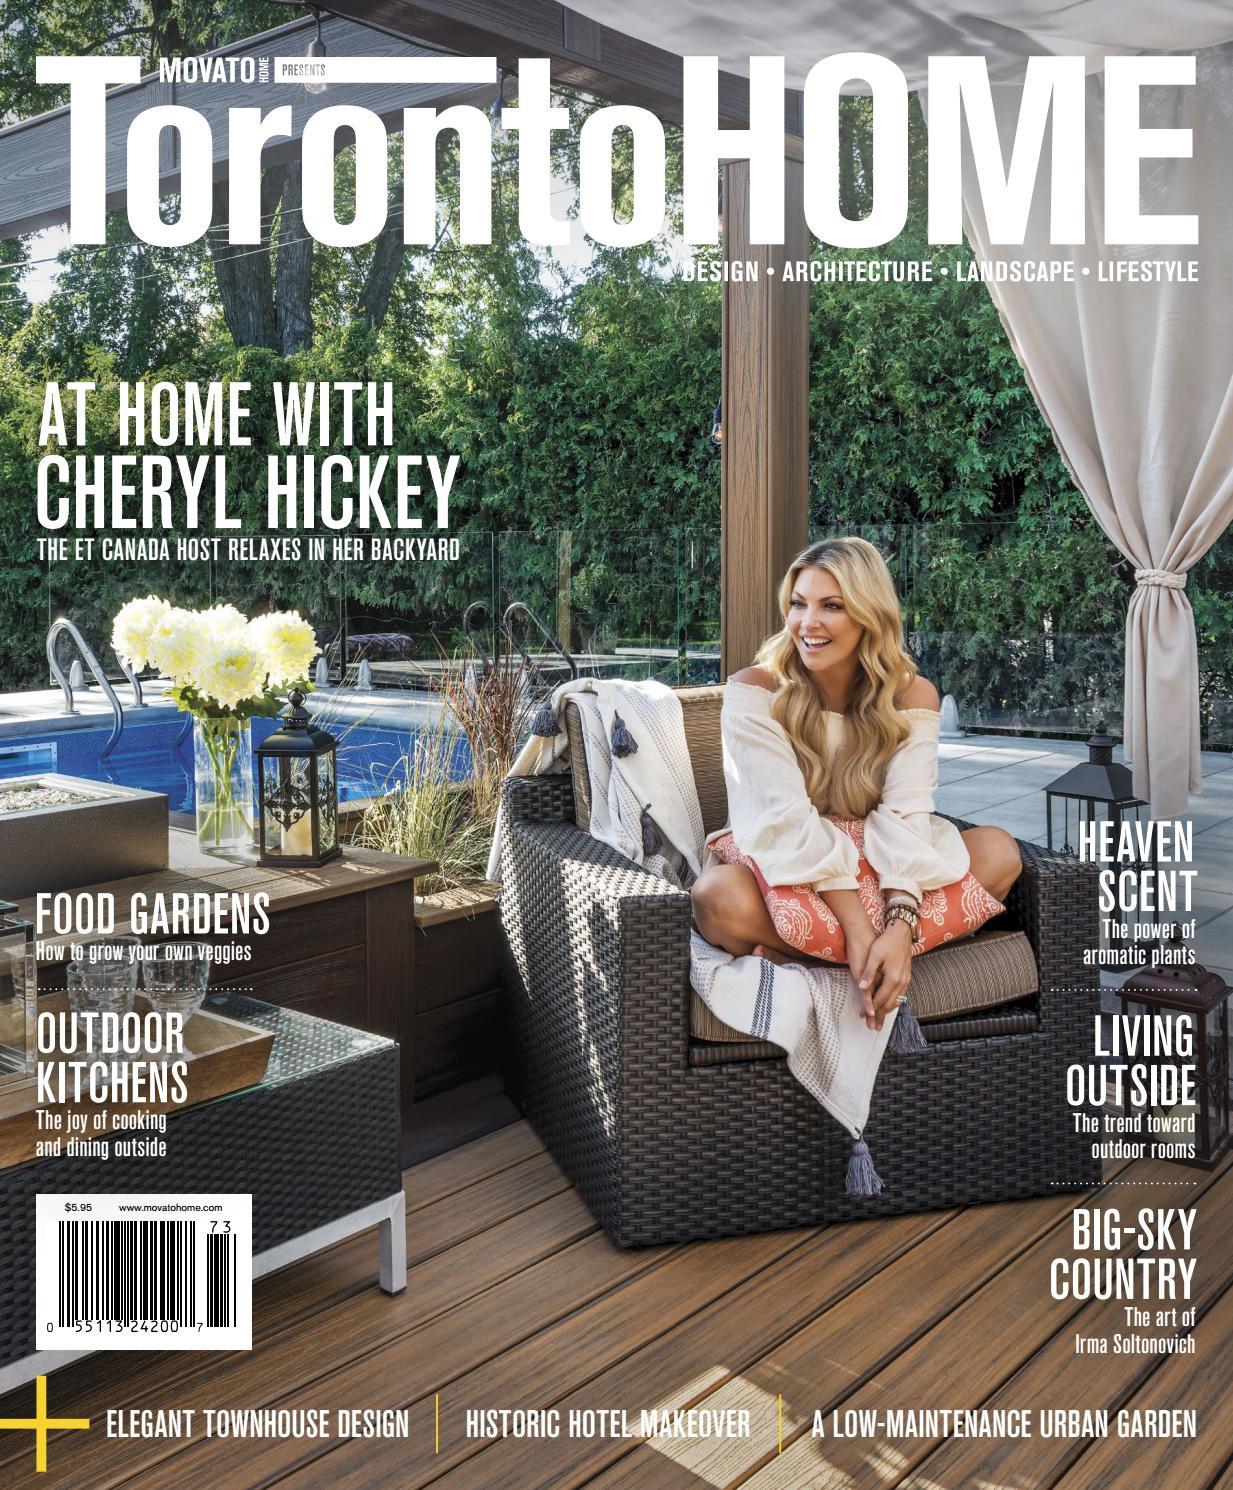 Home Hardware Design Centre Wiarton   Toronto Home Outdoor 2017 By  Movatohome Design Architecture